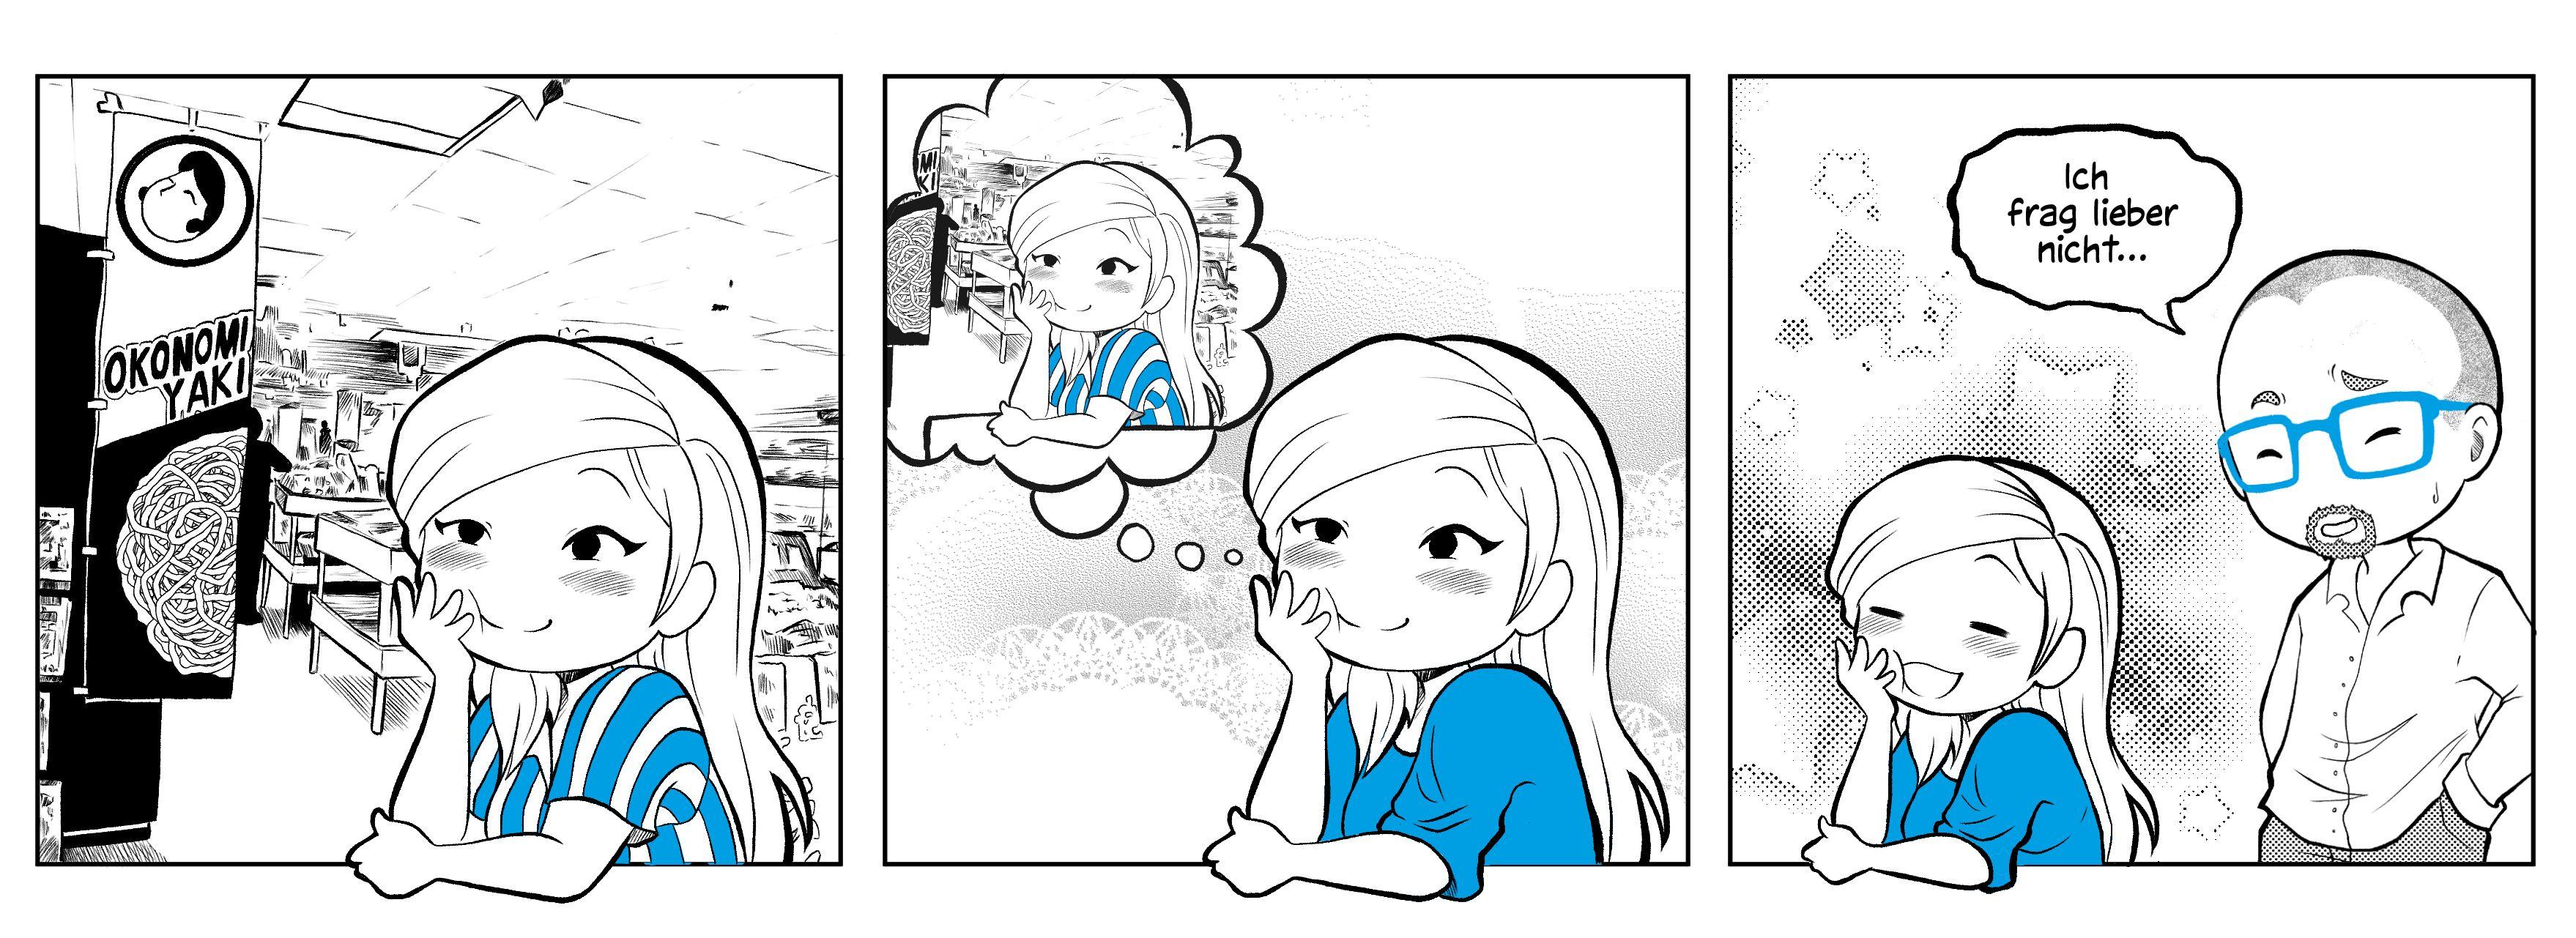 Daydream Lover Manga